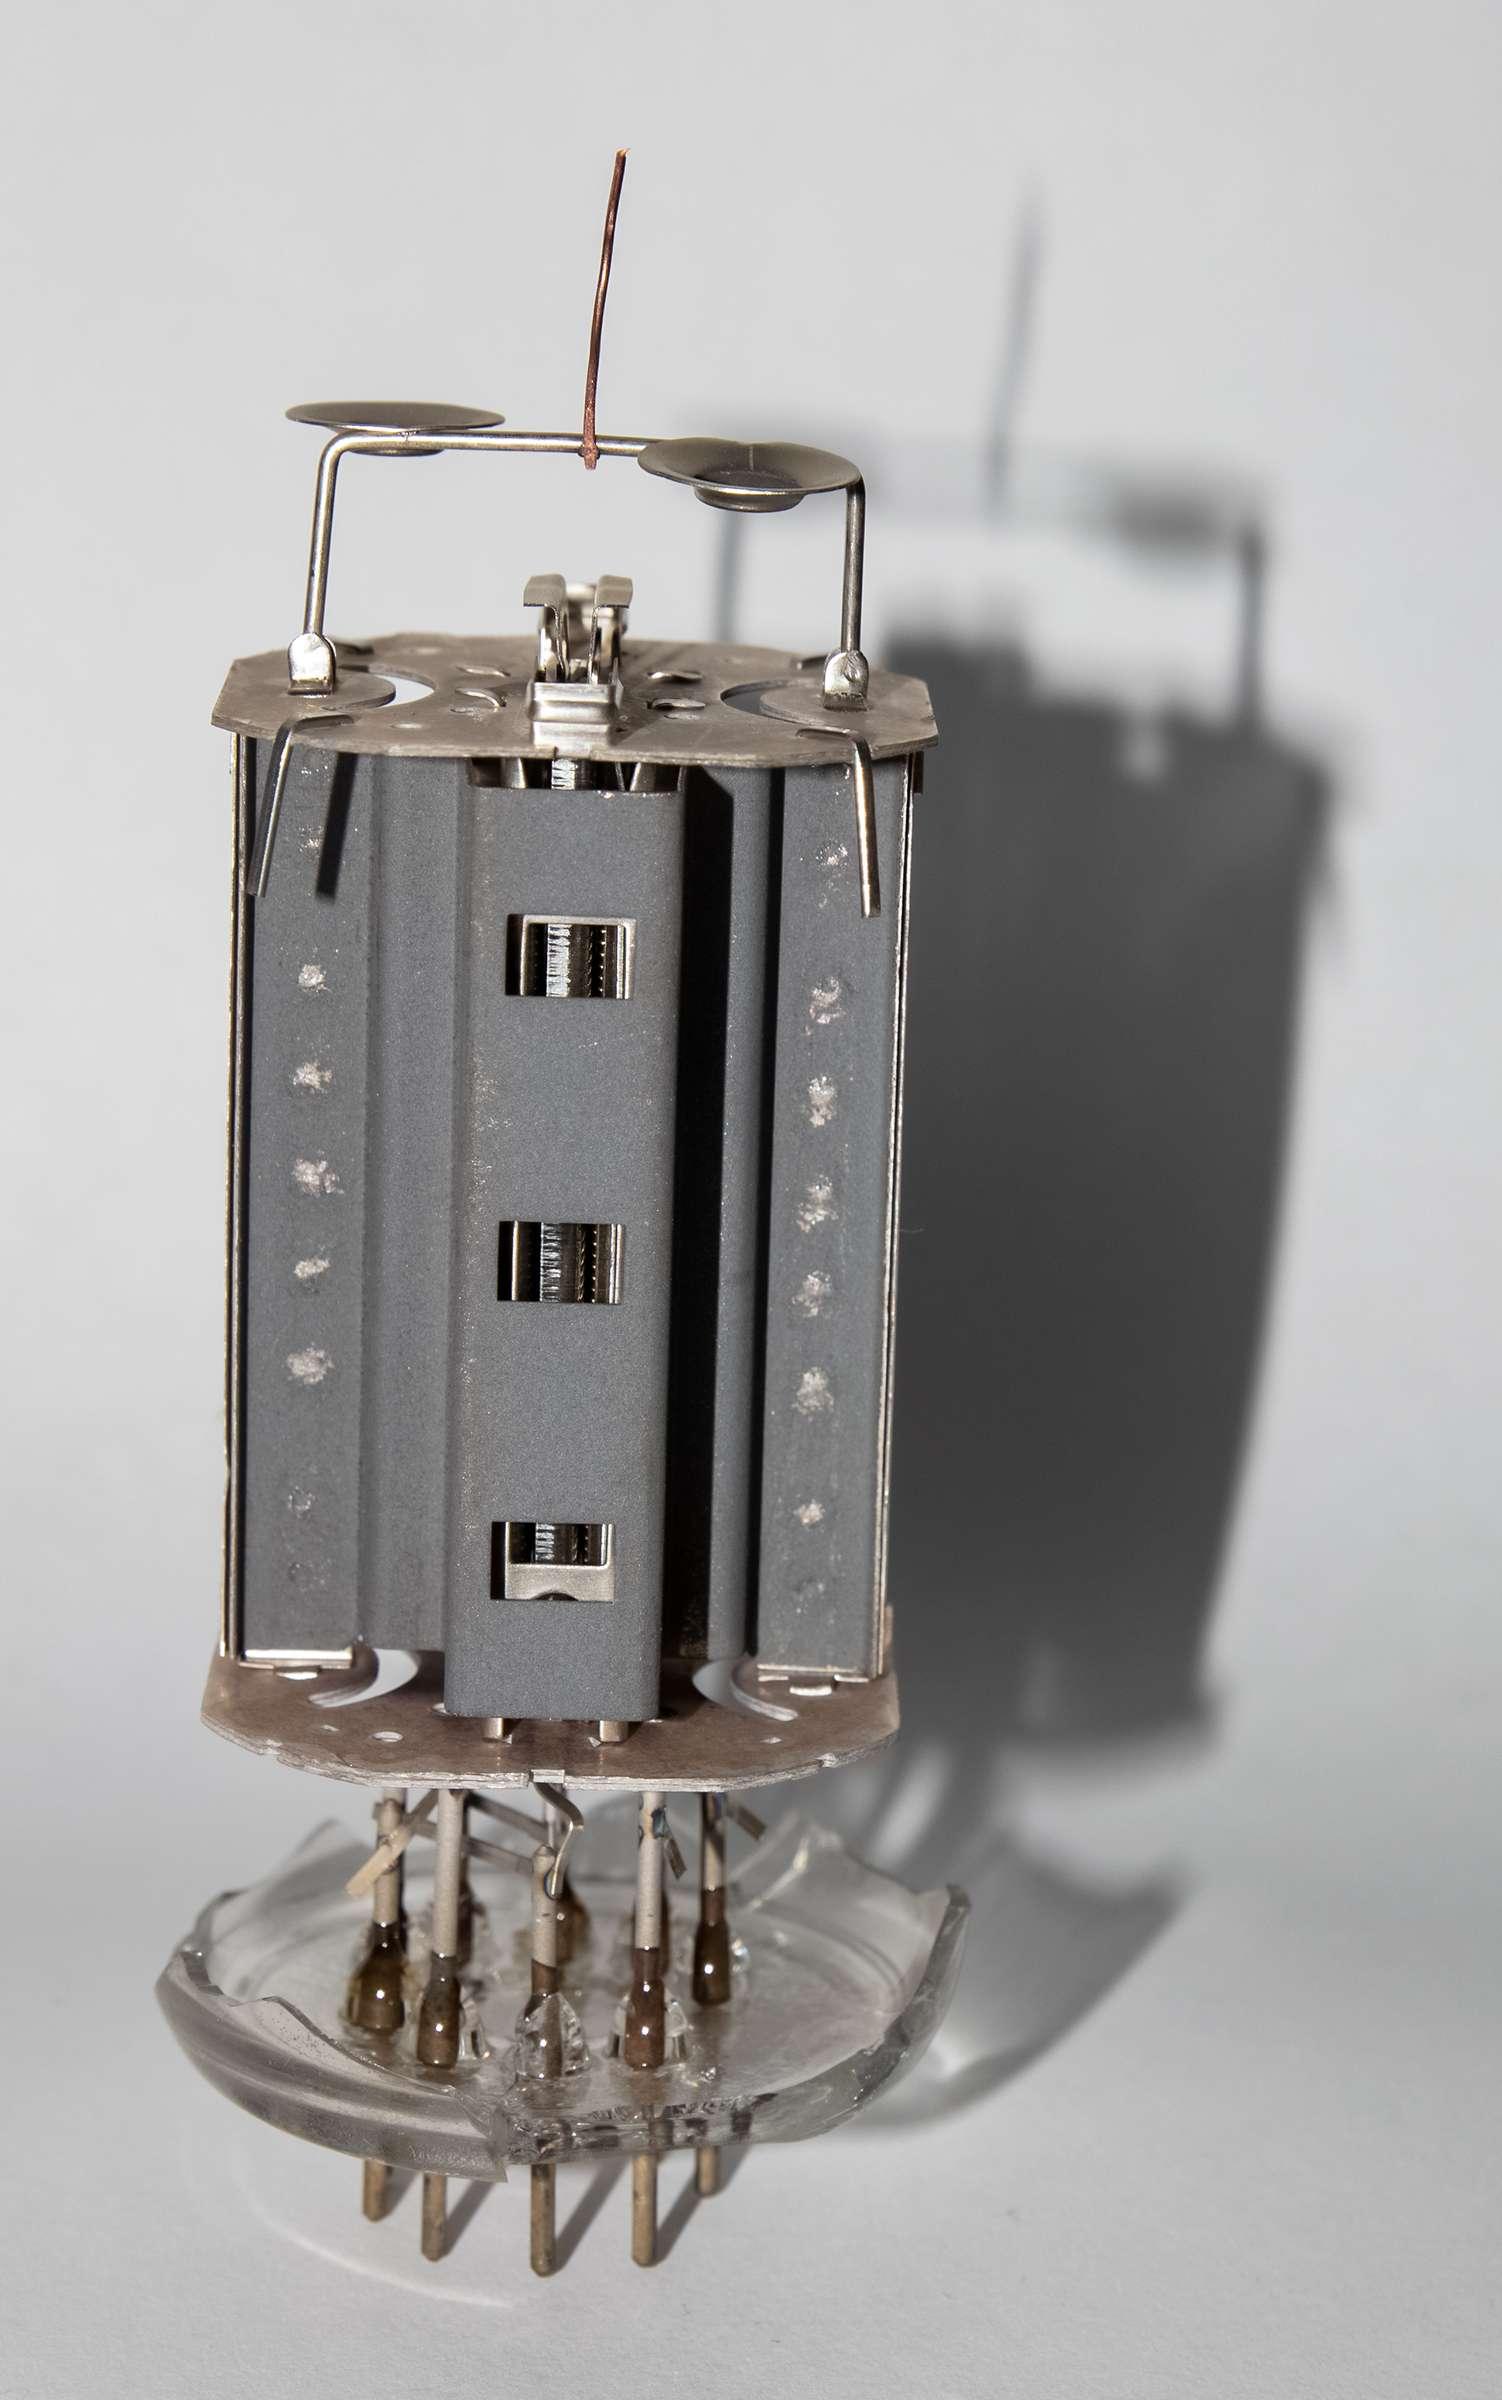 Внутреннее устройство радиолампы 6П45С